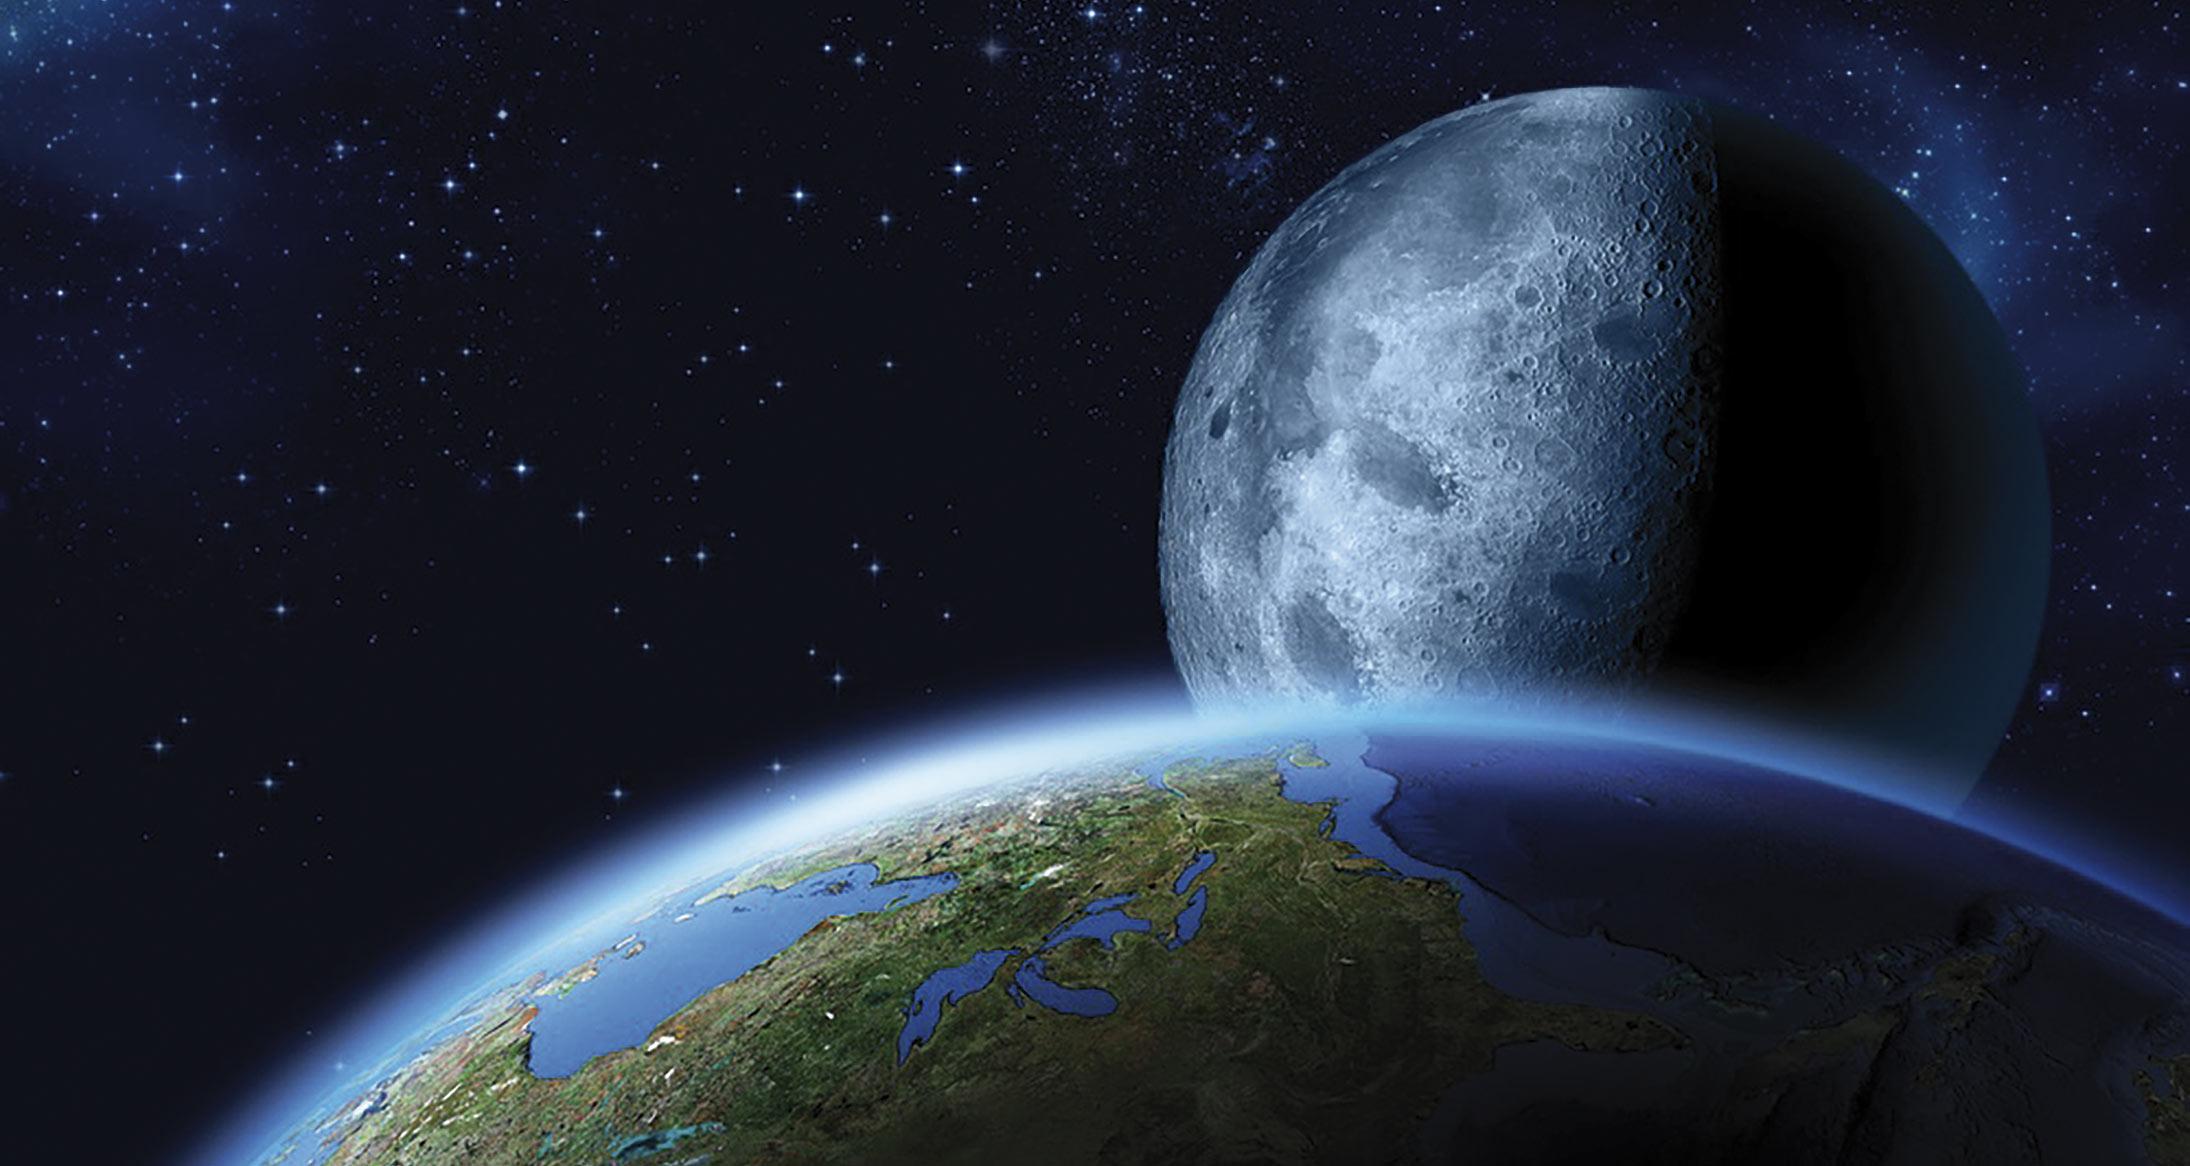 ¿Quiénes son los dueños de la Luna? ¿Quién controla el satélite natural y sus recursos? | Entretenimiento | Variedades | EL FRENTE